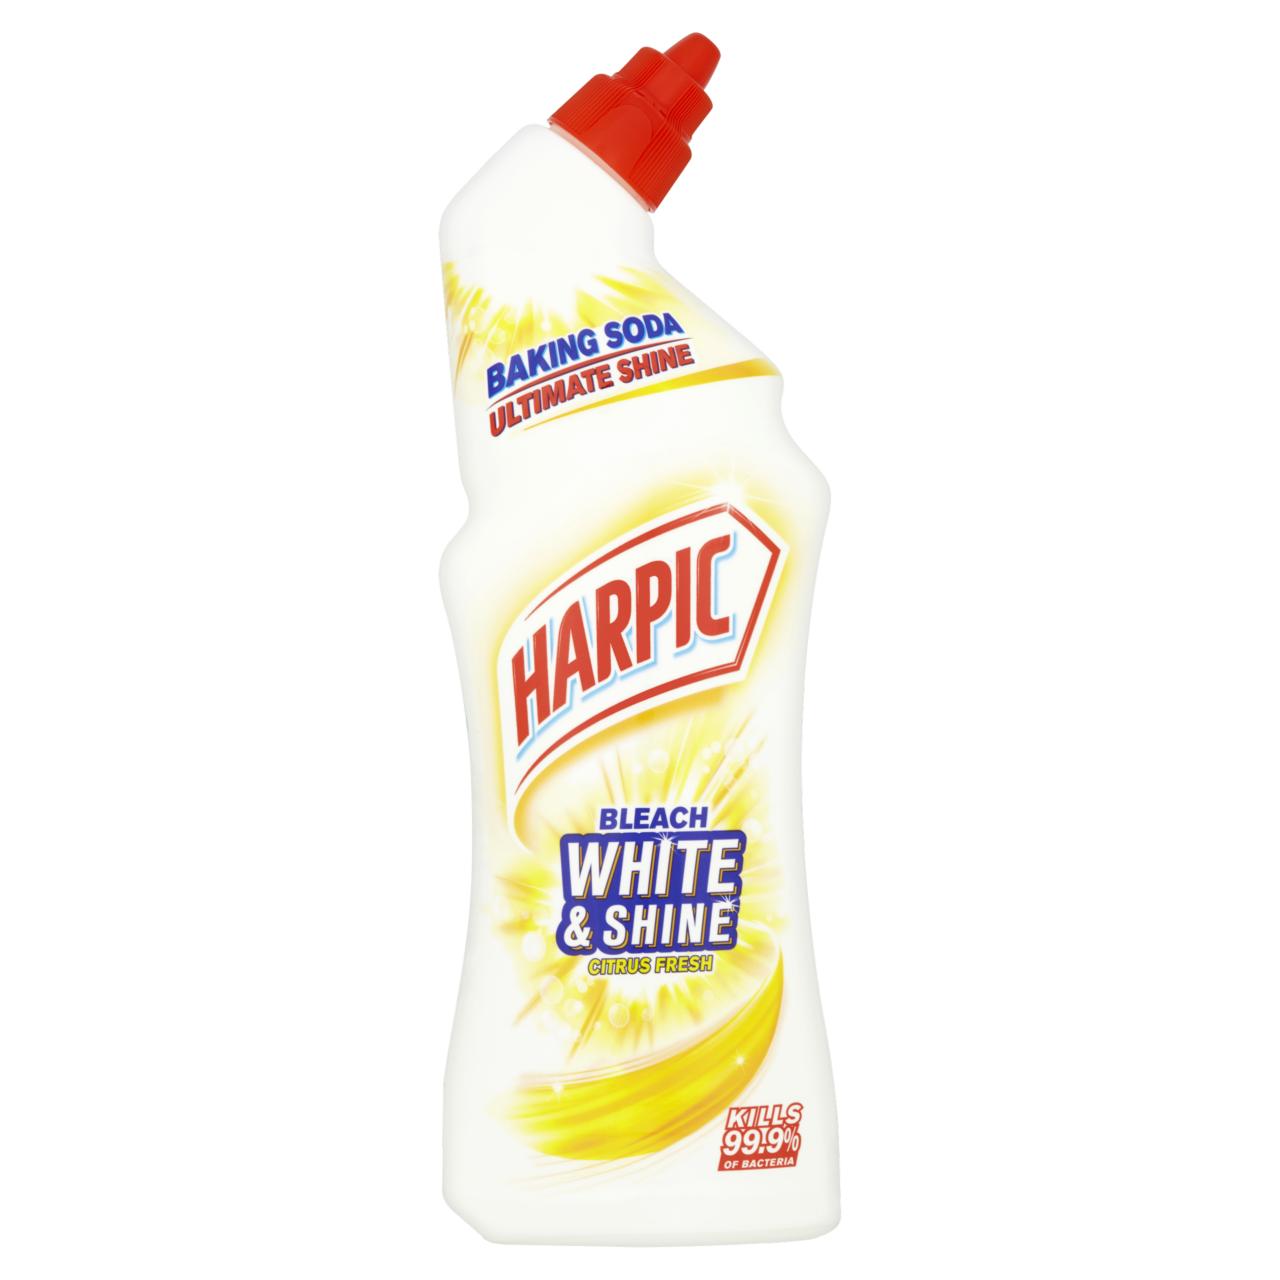 Harpic White & Shine Citrus Fresh Bleach